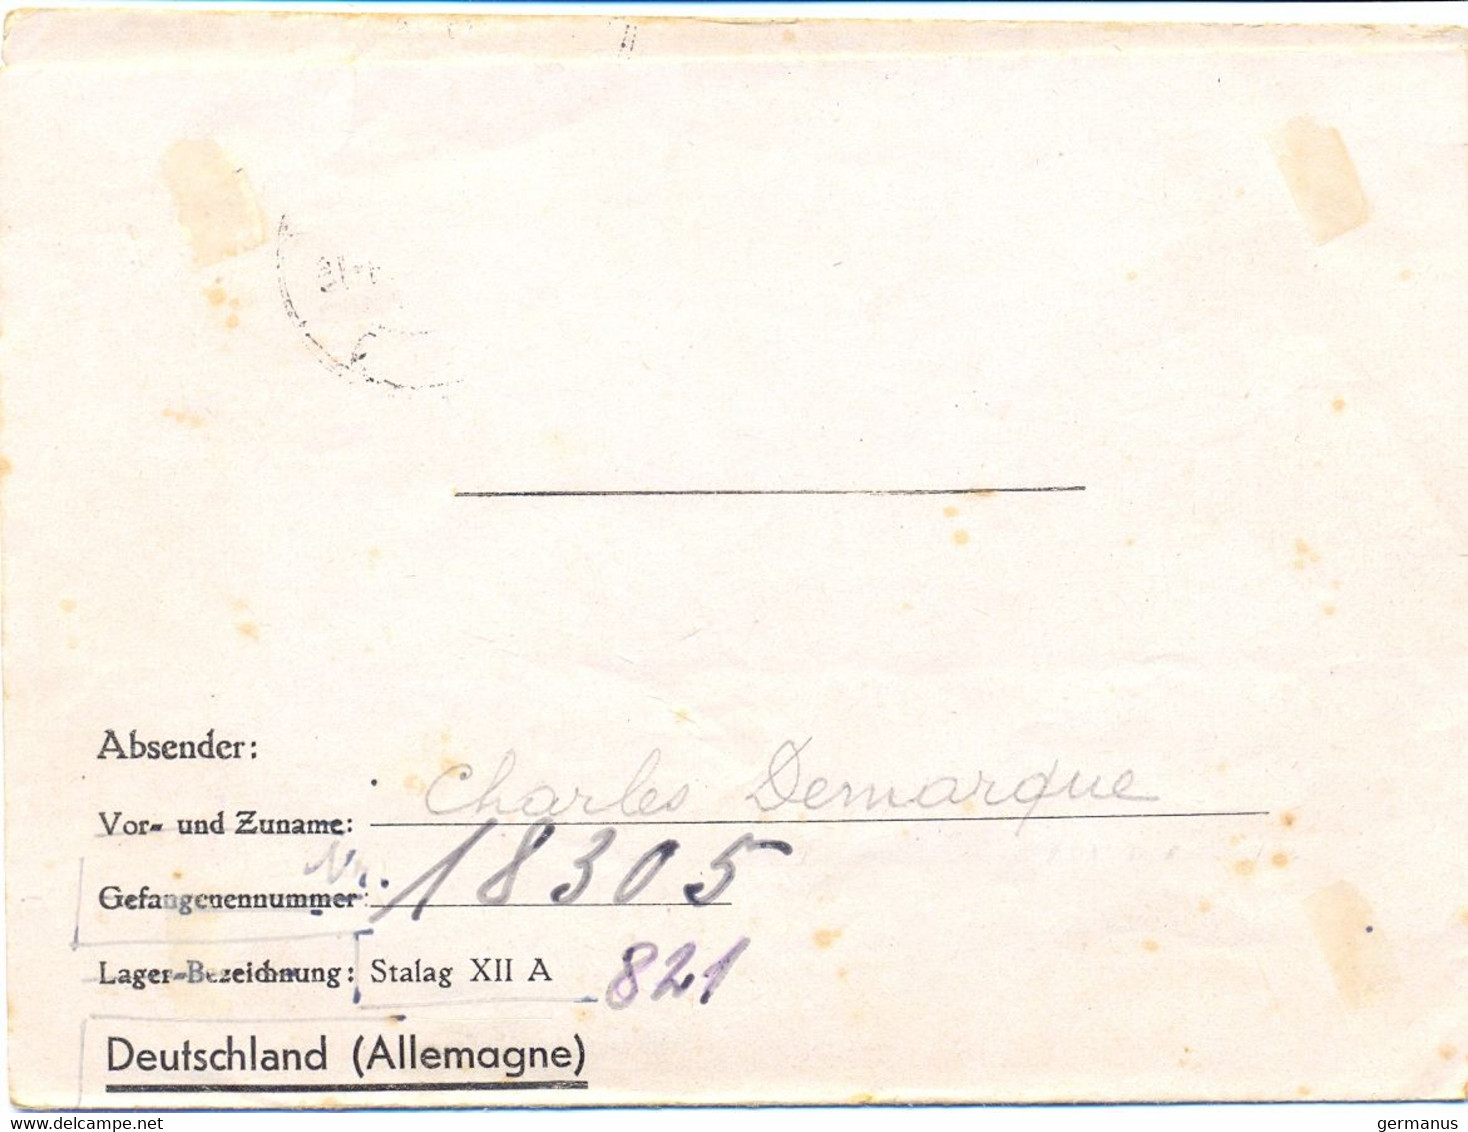 GUERRE 39-45 Du STALAG XII A / 1 LIMBURG AN DER LAHN Du 1-9-40, A été Fait Prisonnier Le 21 Juin Prés De NANCY - Guerra De 1939-45